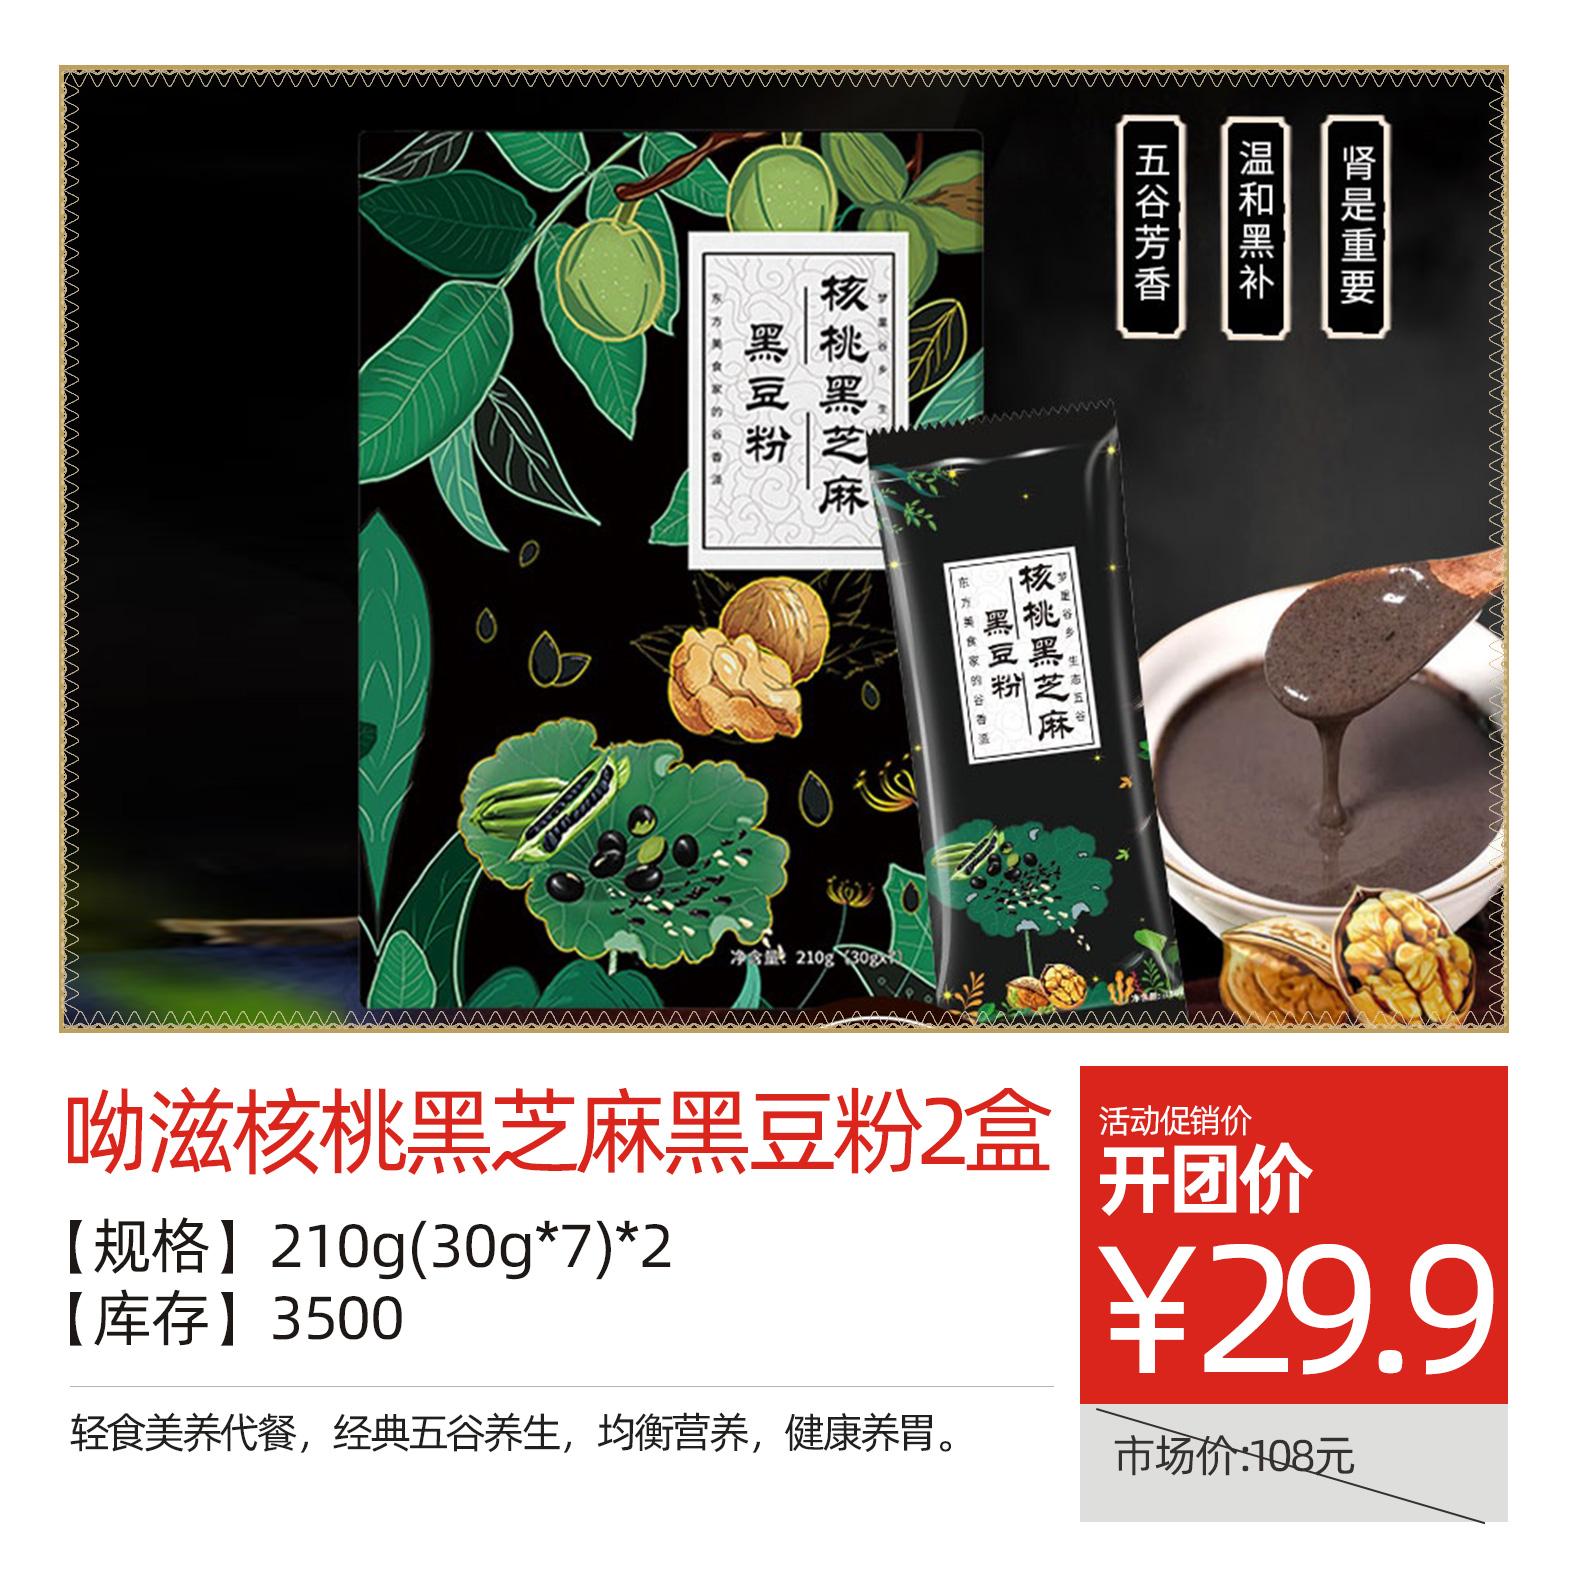 呦滋核桃黑芝麻黑豆粉2盒